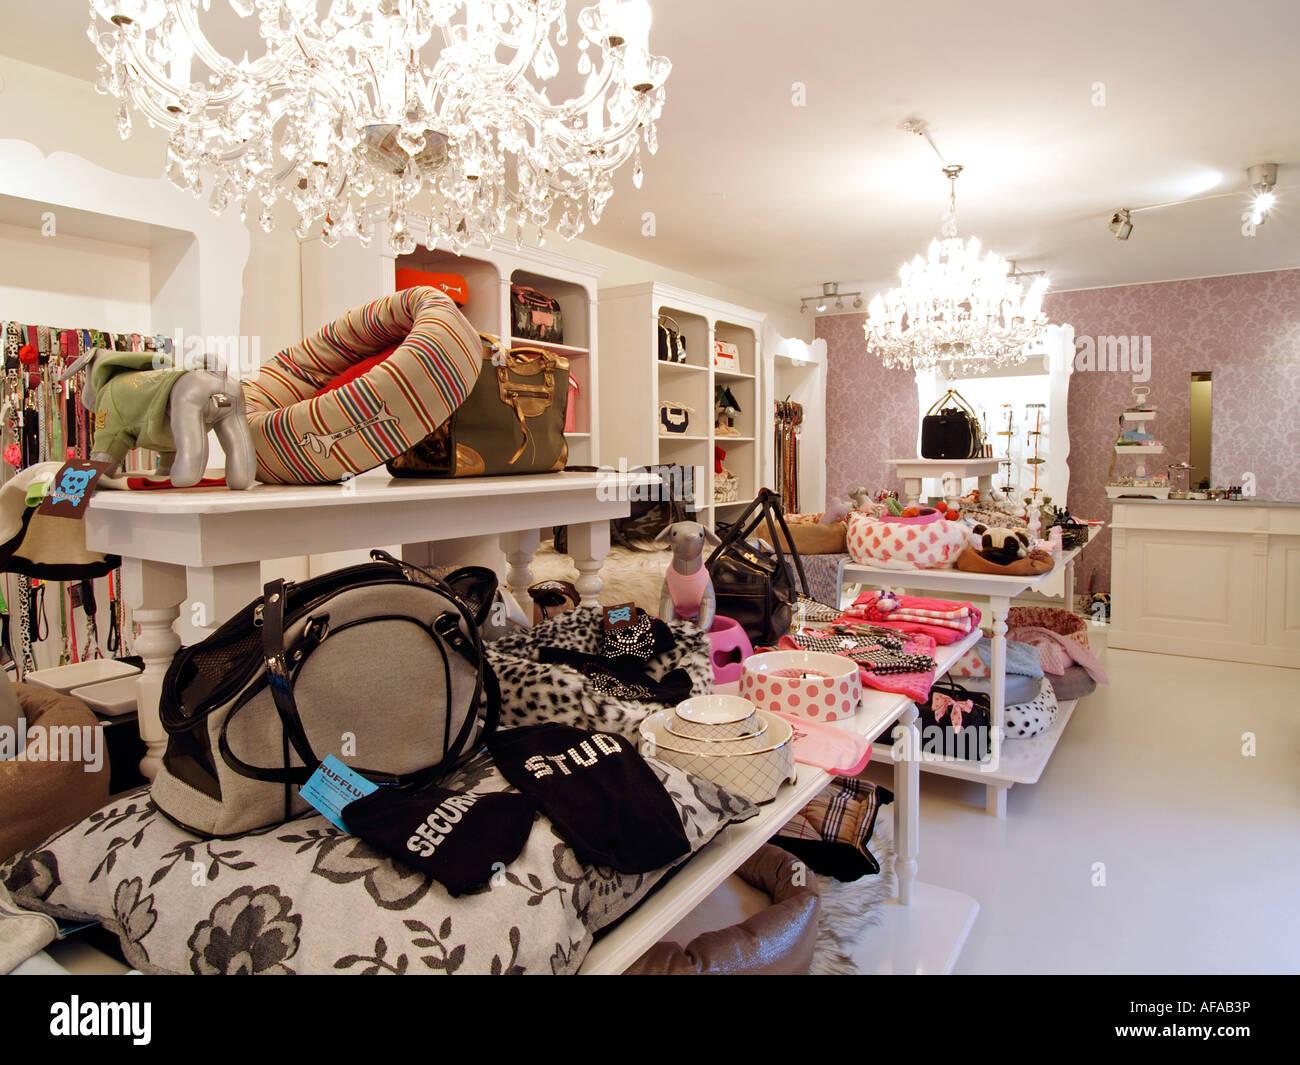 la boutique daccessoires pour animaux de luxe intrieur montrant de nombreux produits comme des tapis luxueux oreillers bols de nourriture et vtements